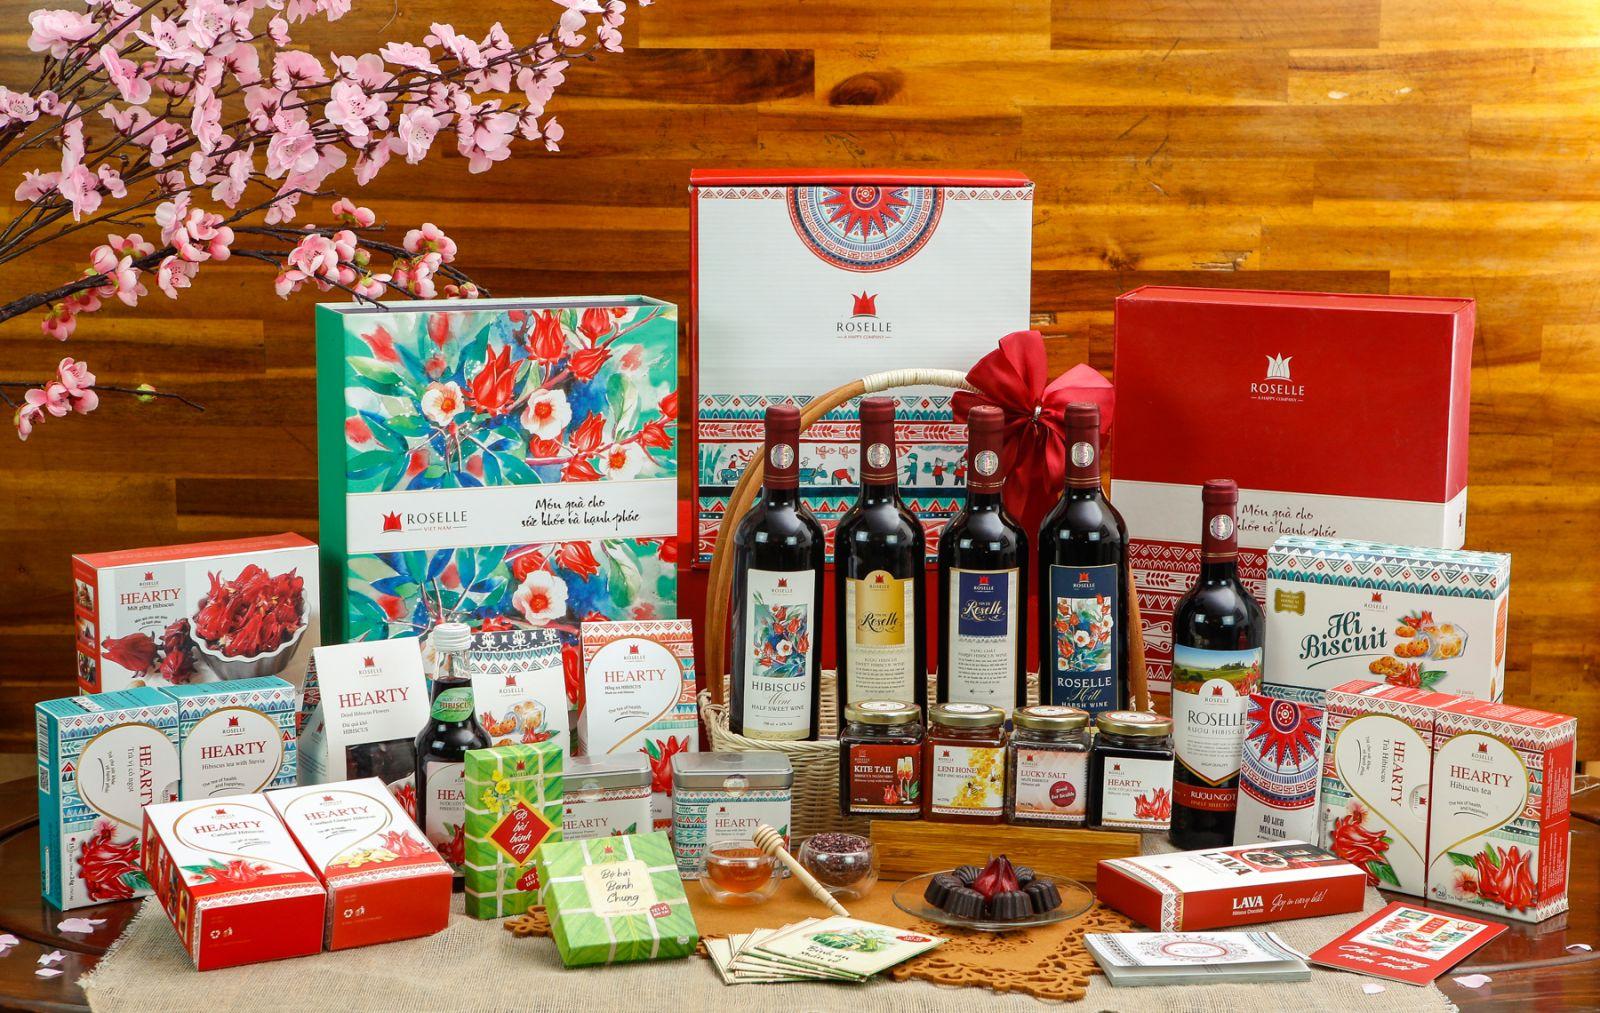 Thiết kế hộp quà tặng mang lại sự khác biệt cho sản phẩm.